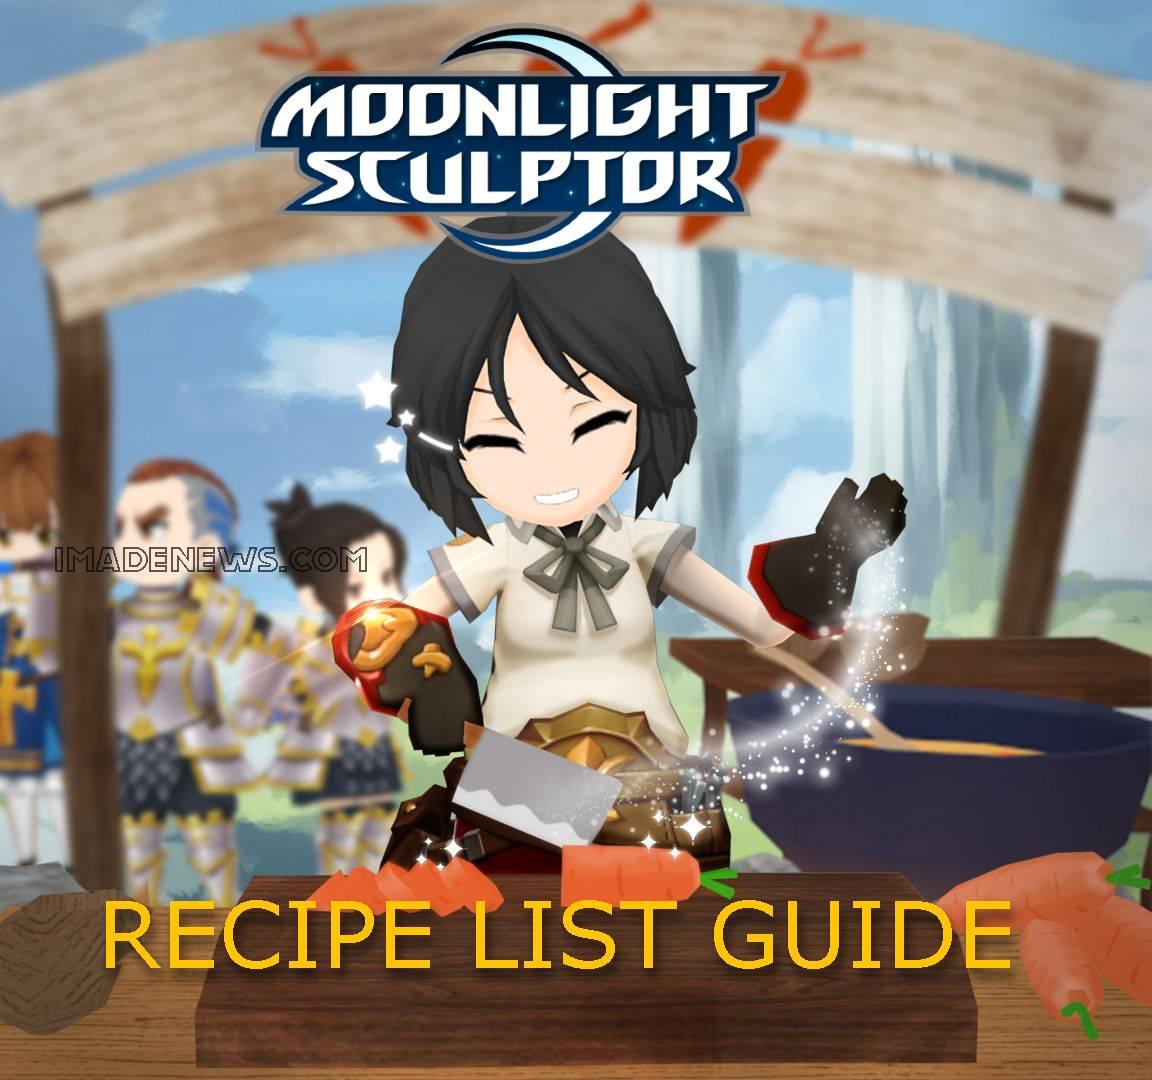 Moonlight Sculptor Recipe